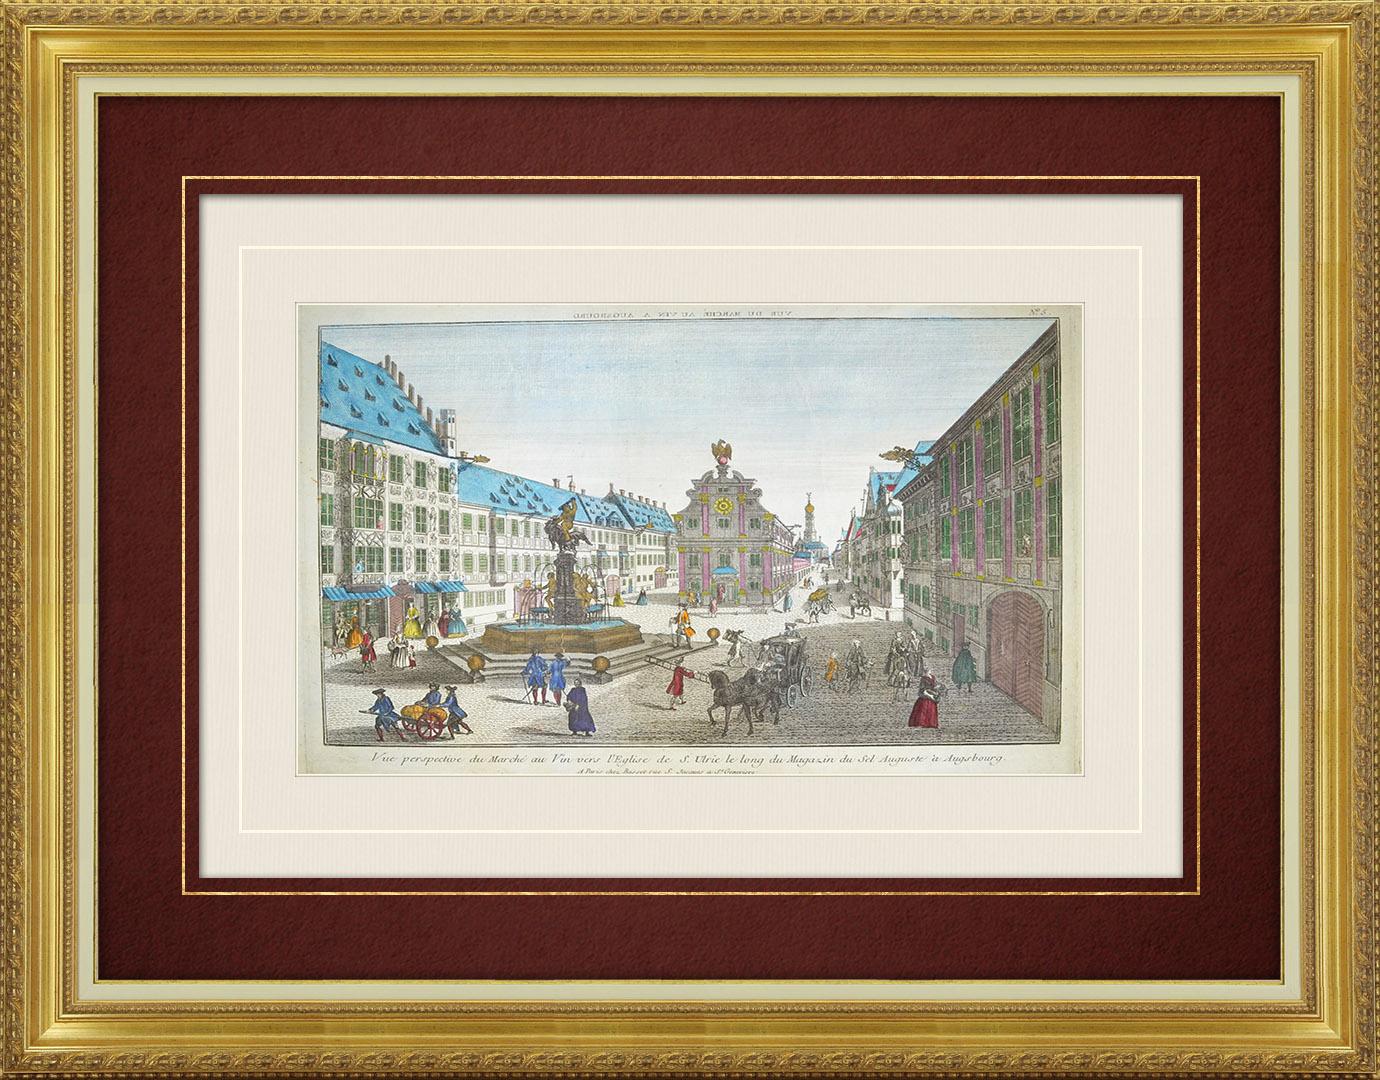 Vue d'optique du 18e siècle en coloris d'époque du marché au vin à Augsbourg (Allemagne)